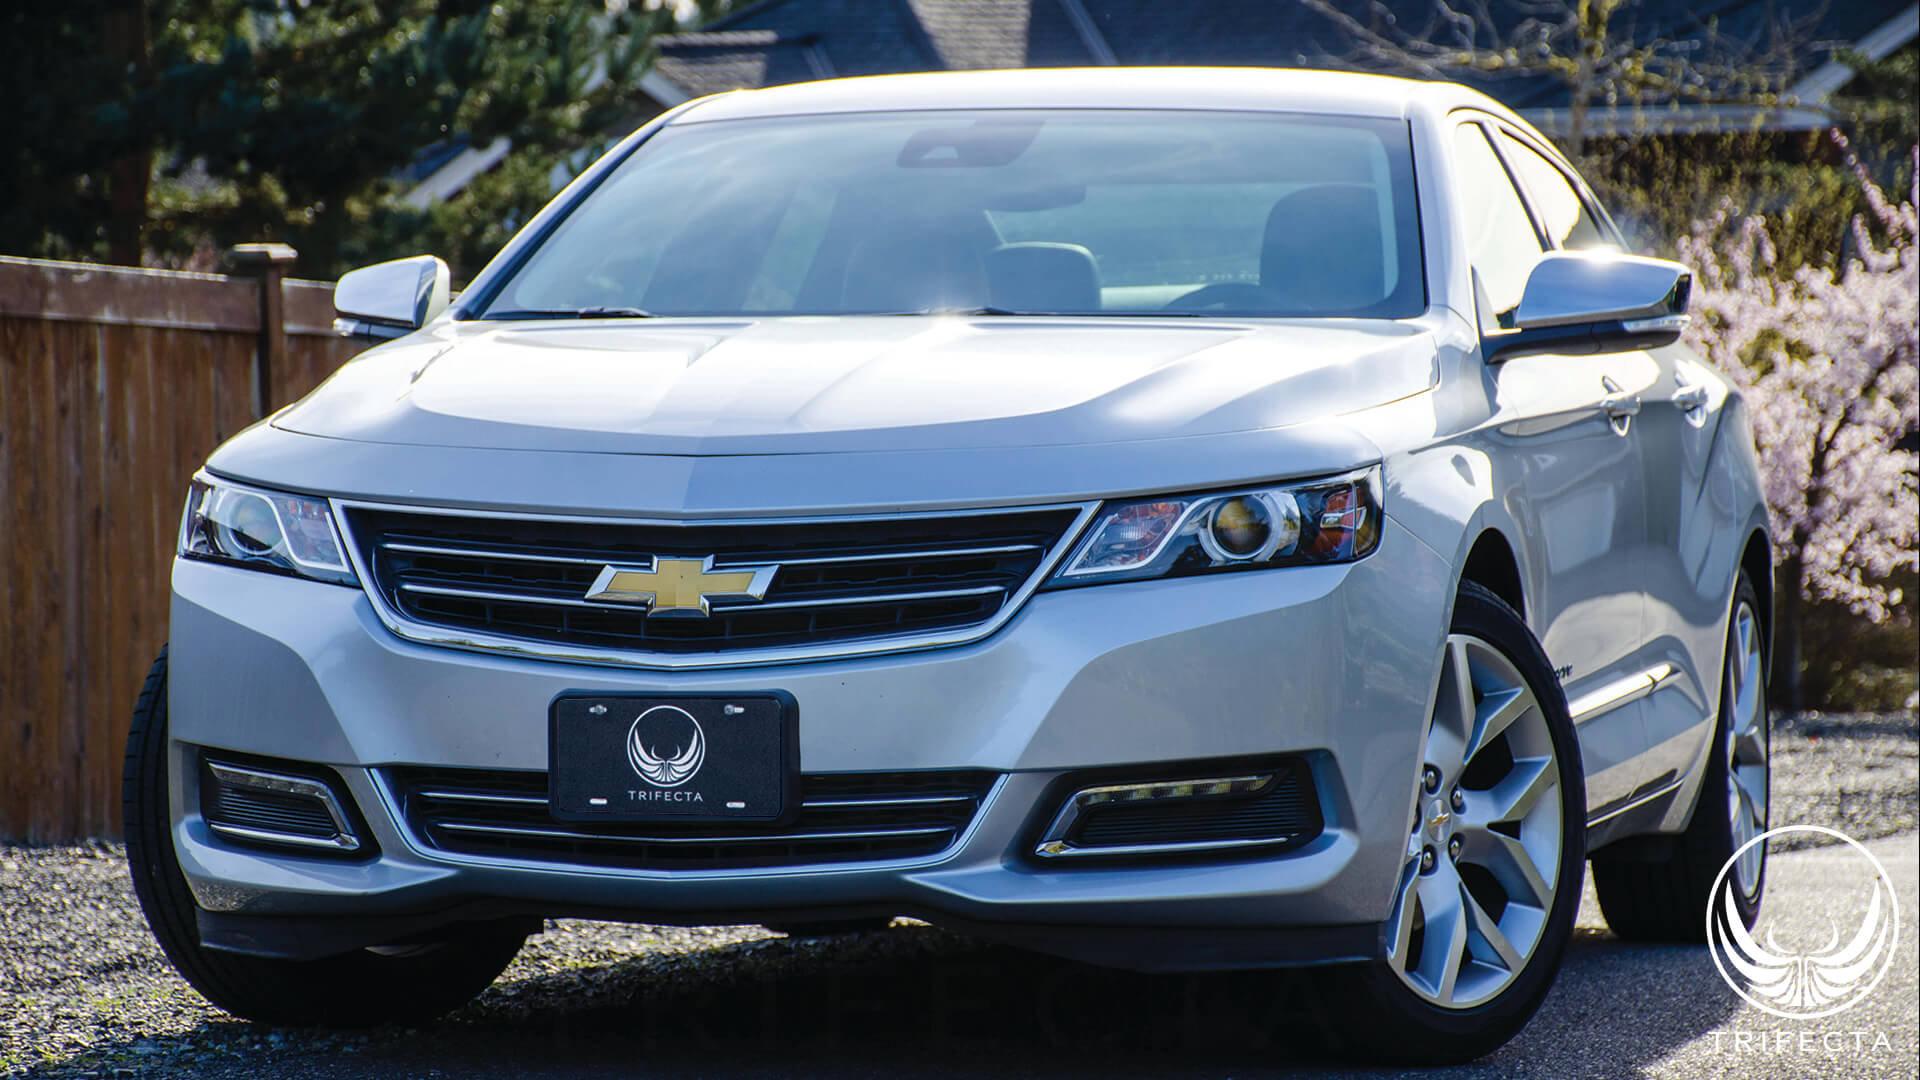 Product Review: 2014--2020 Chevrolet Impala - 3.6L - Advantage